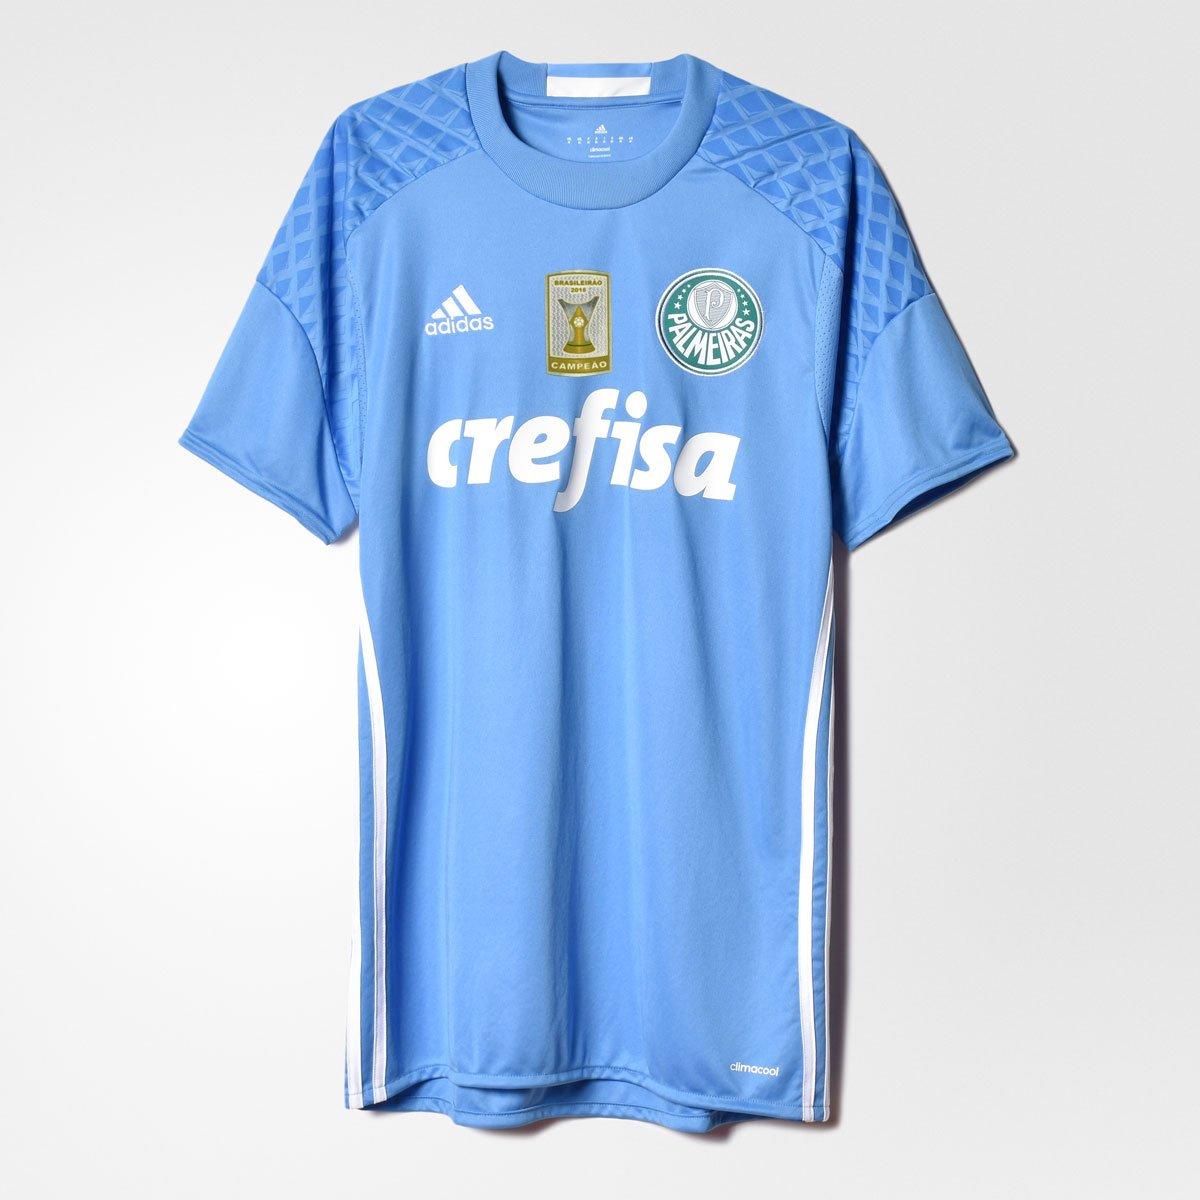 b859d8158f Carregando zoom. Camisa Adidas Palmeiras Goleiro 2016 s nº - Patch Campeão  Brasileiro - Compre Agora